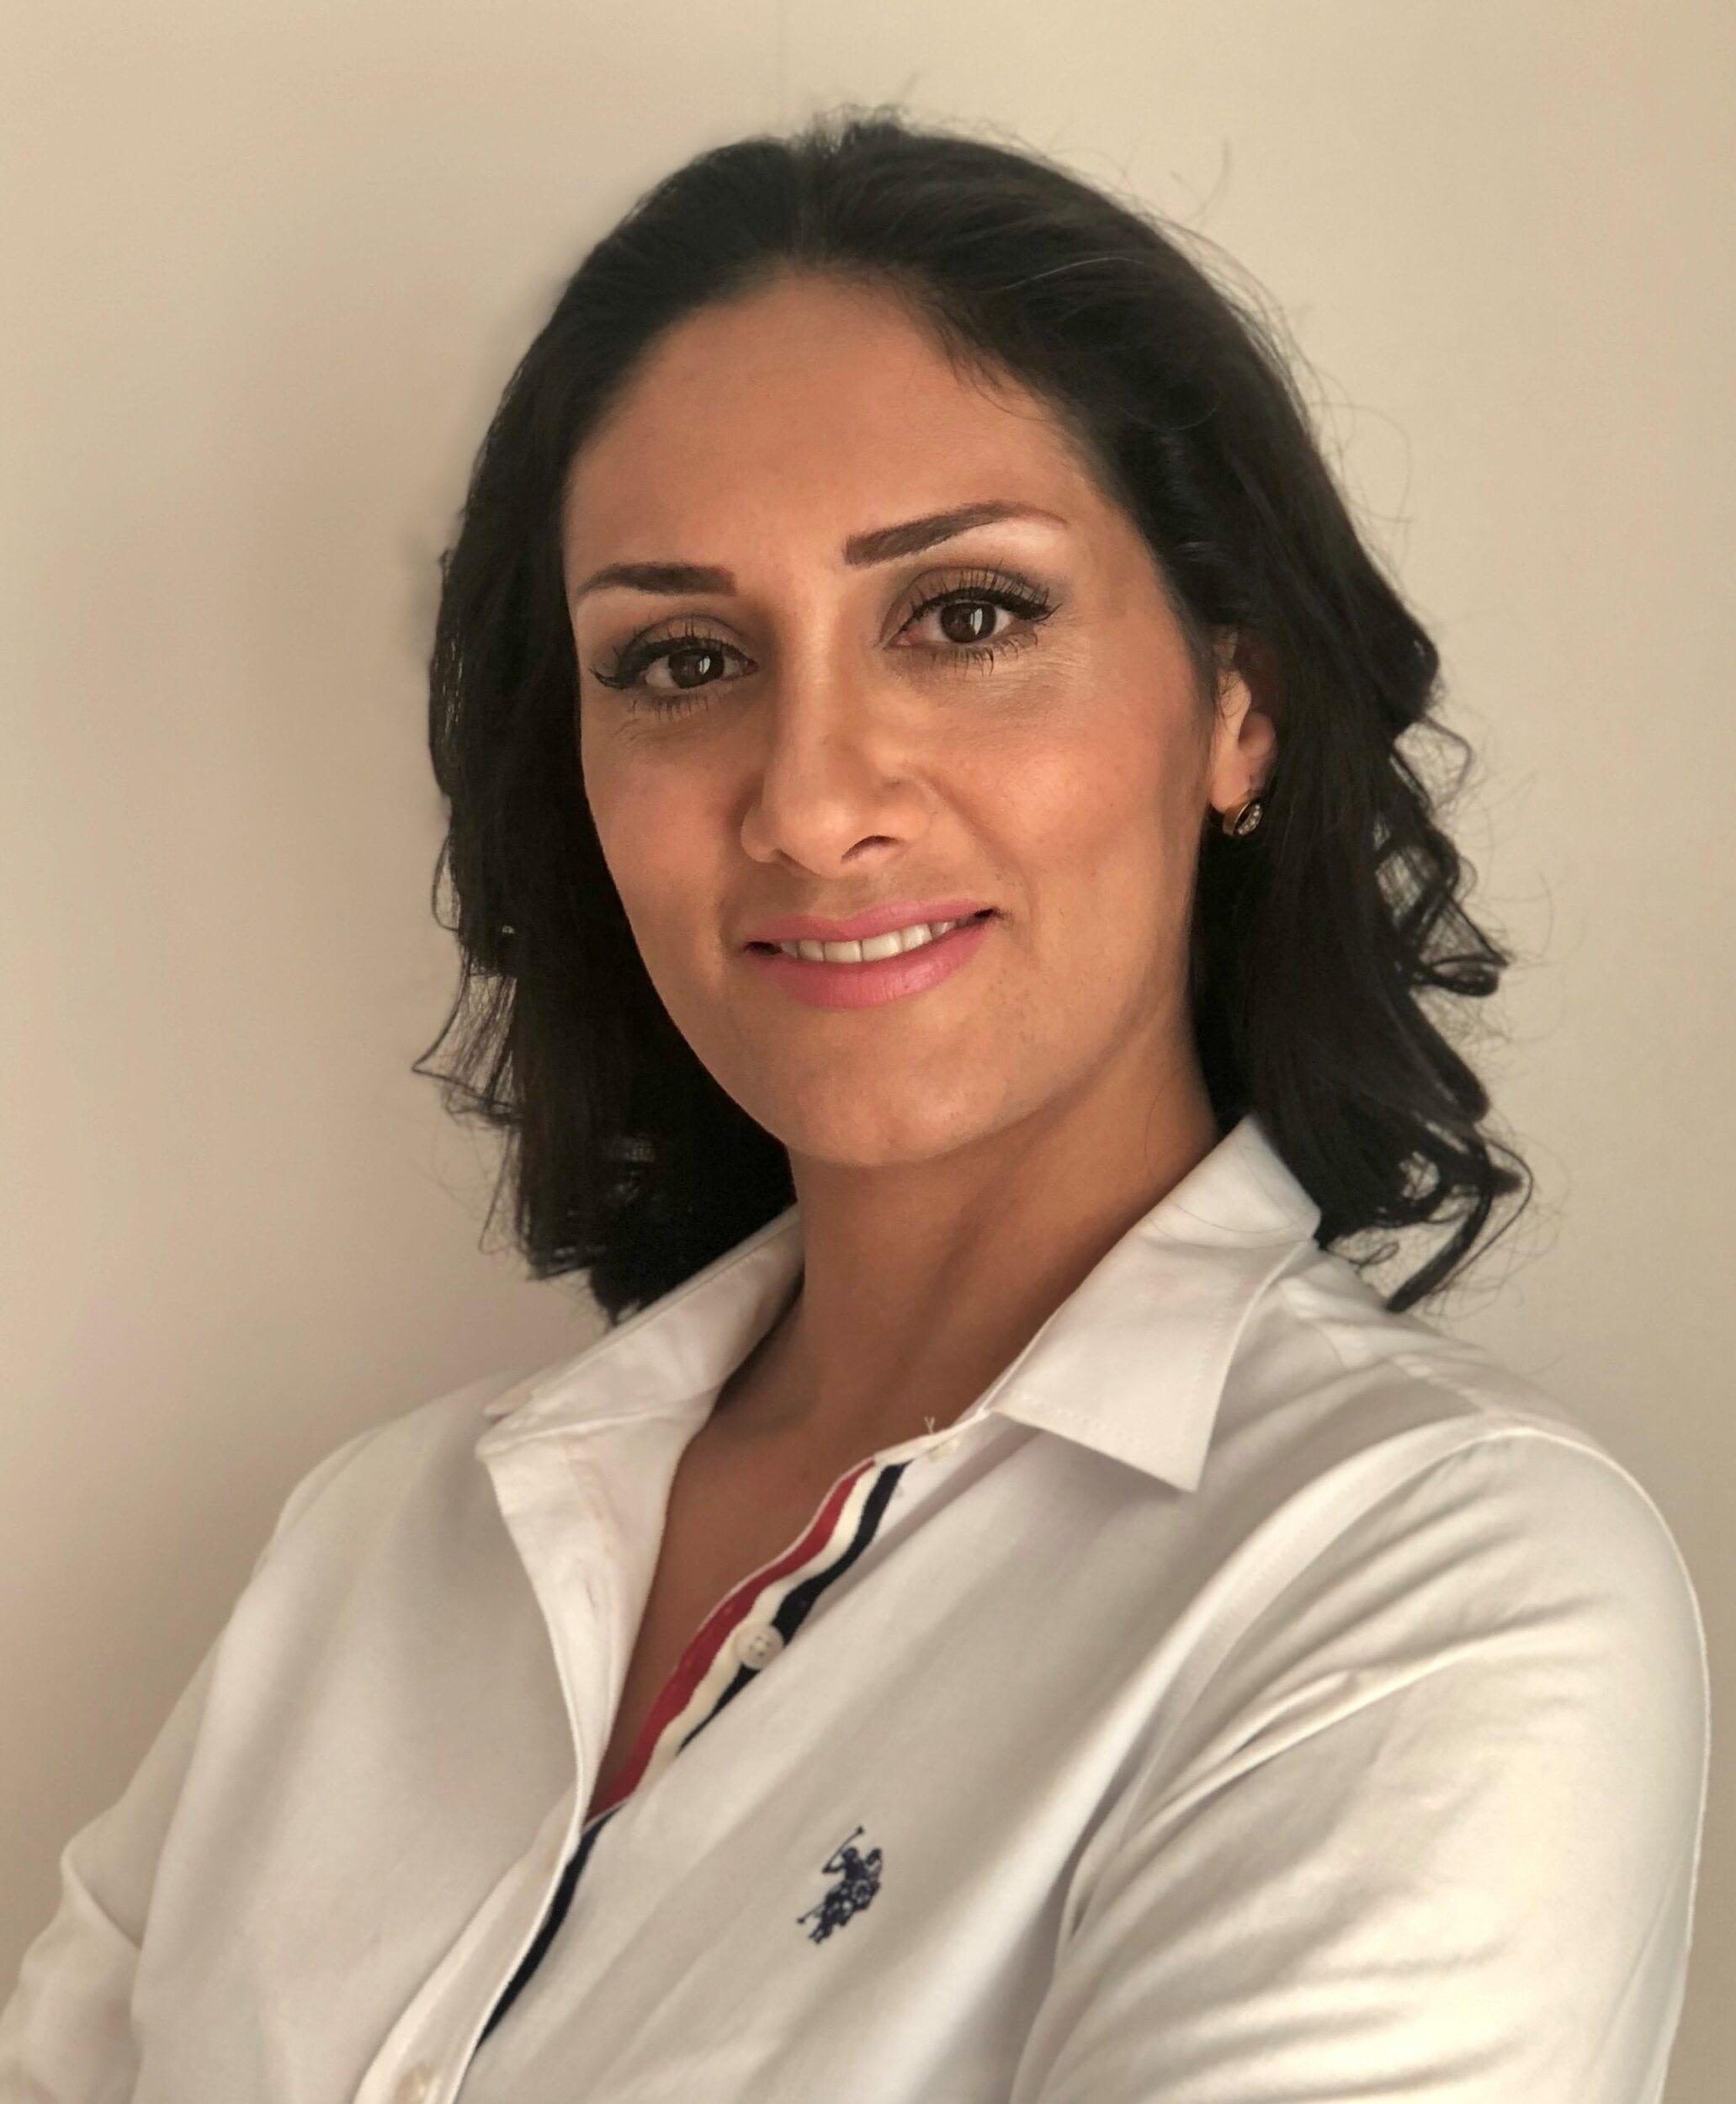 Maryam Kazazi